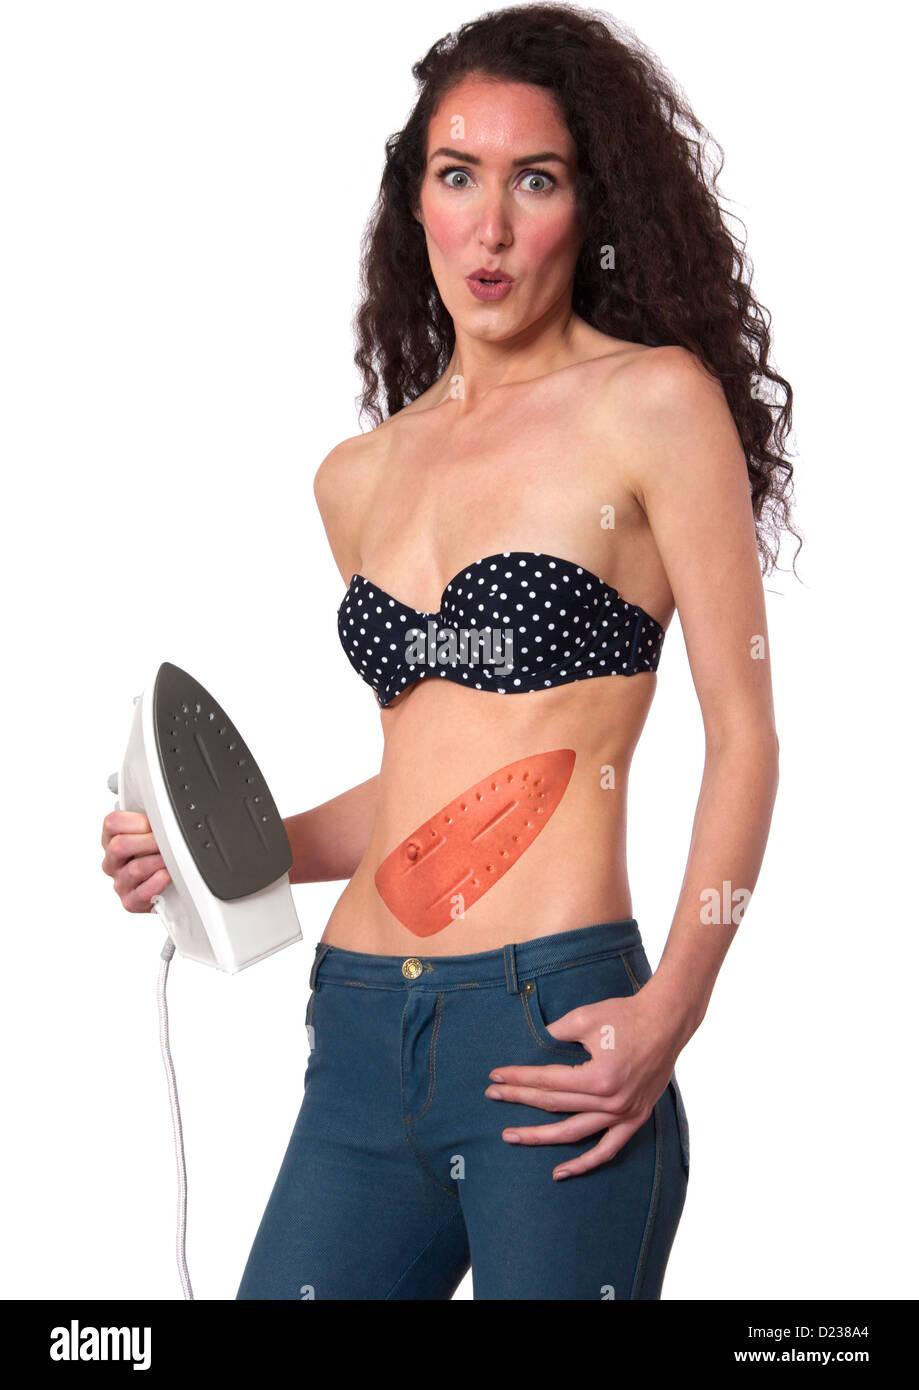 Frau landet mit einem brennen nach der Anwendung ein Bügeleisen, Bauch flach. Stockbild